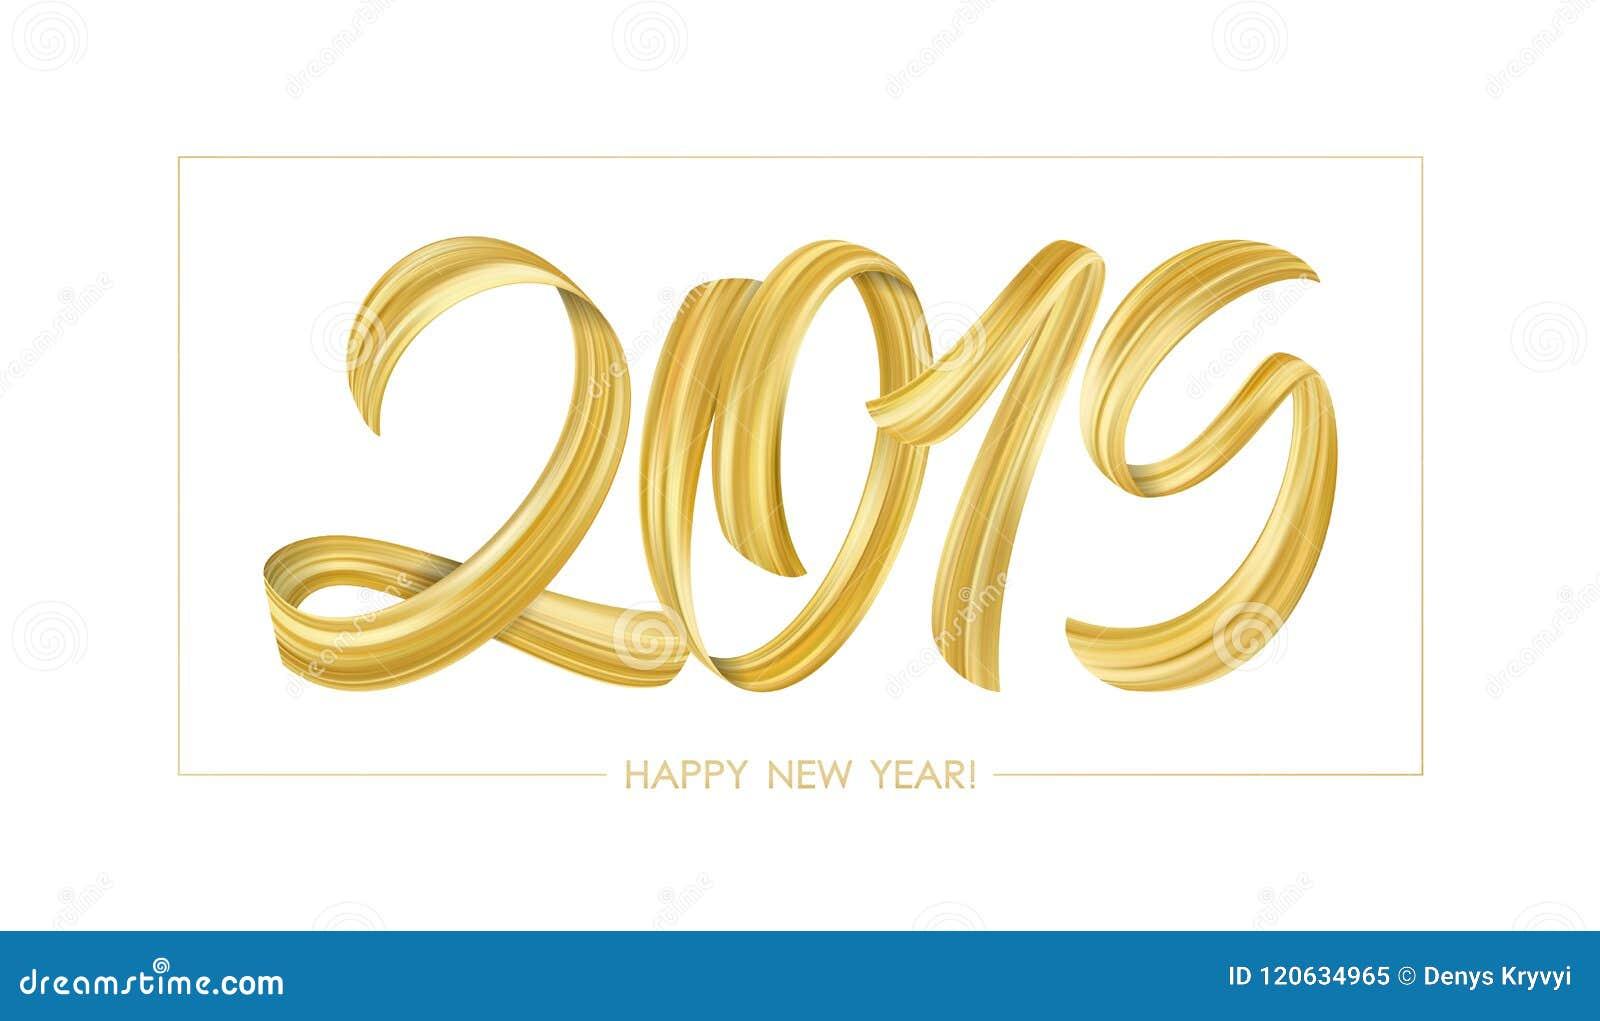 Golden Brushstroke Paint Lettering Calligraphy Of 2019